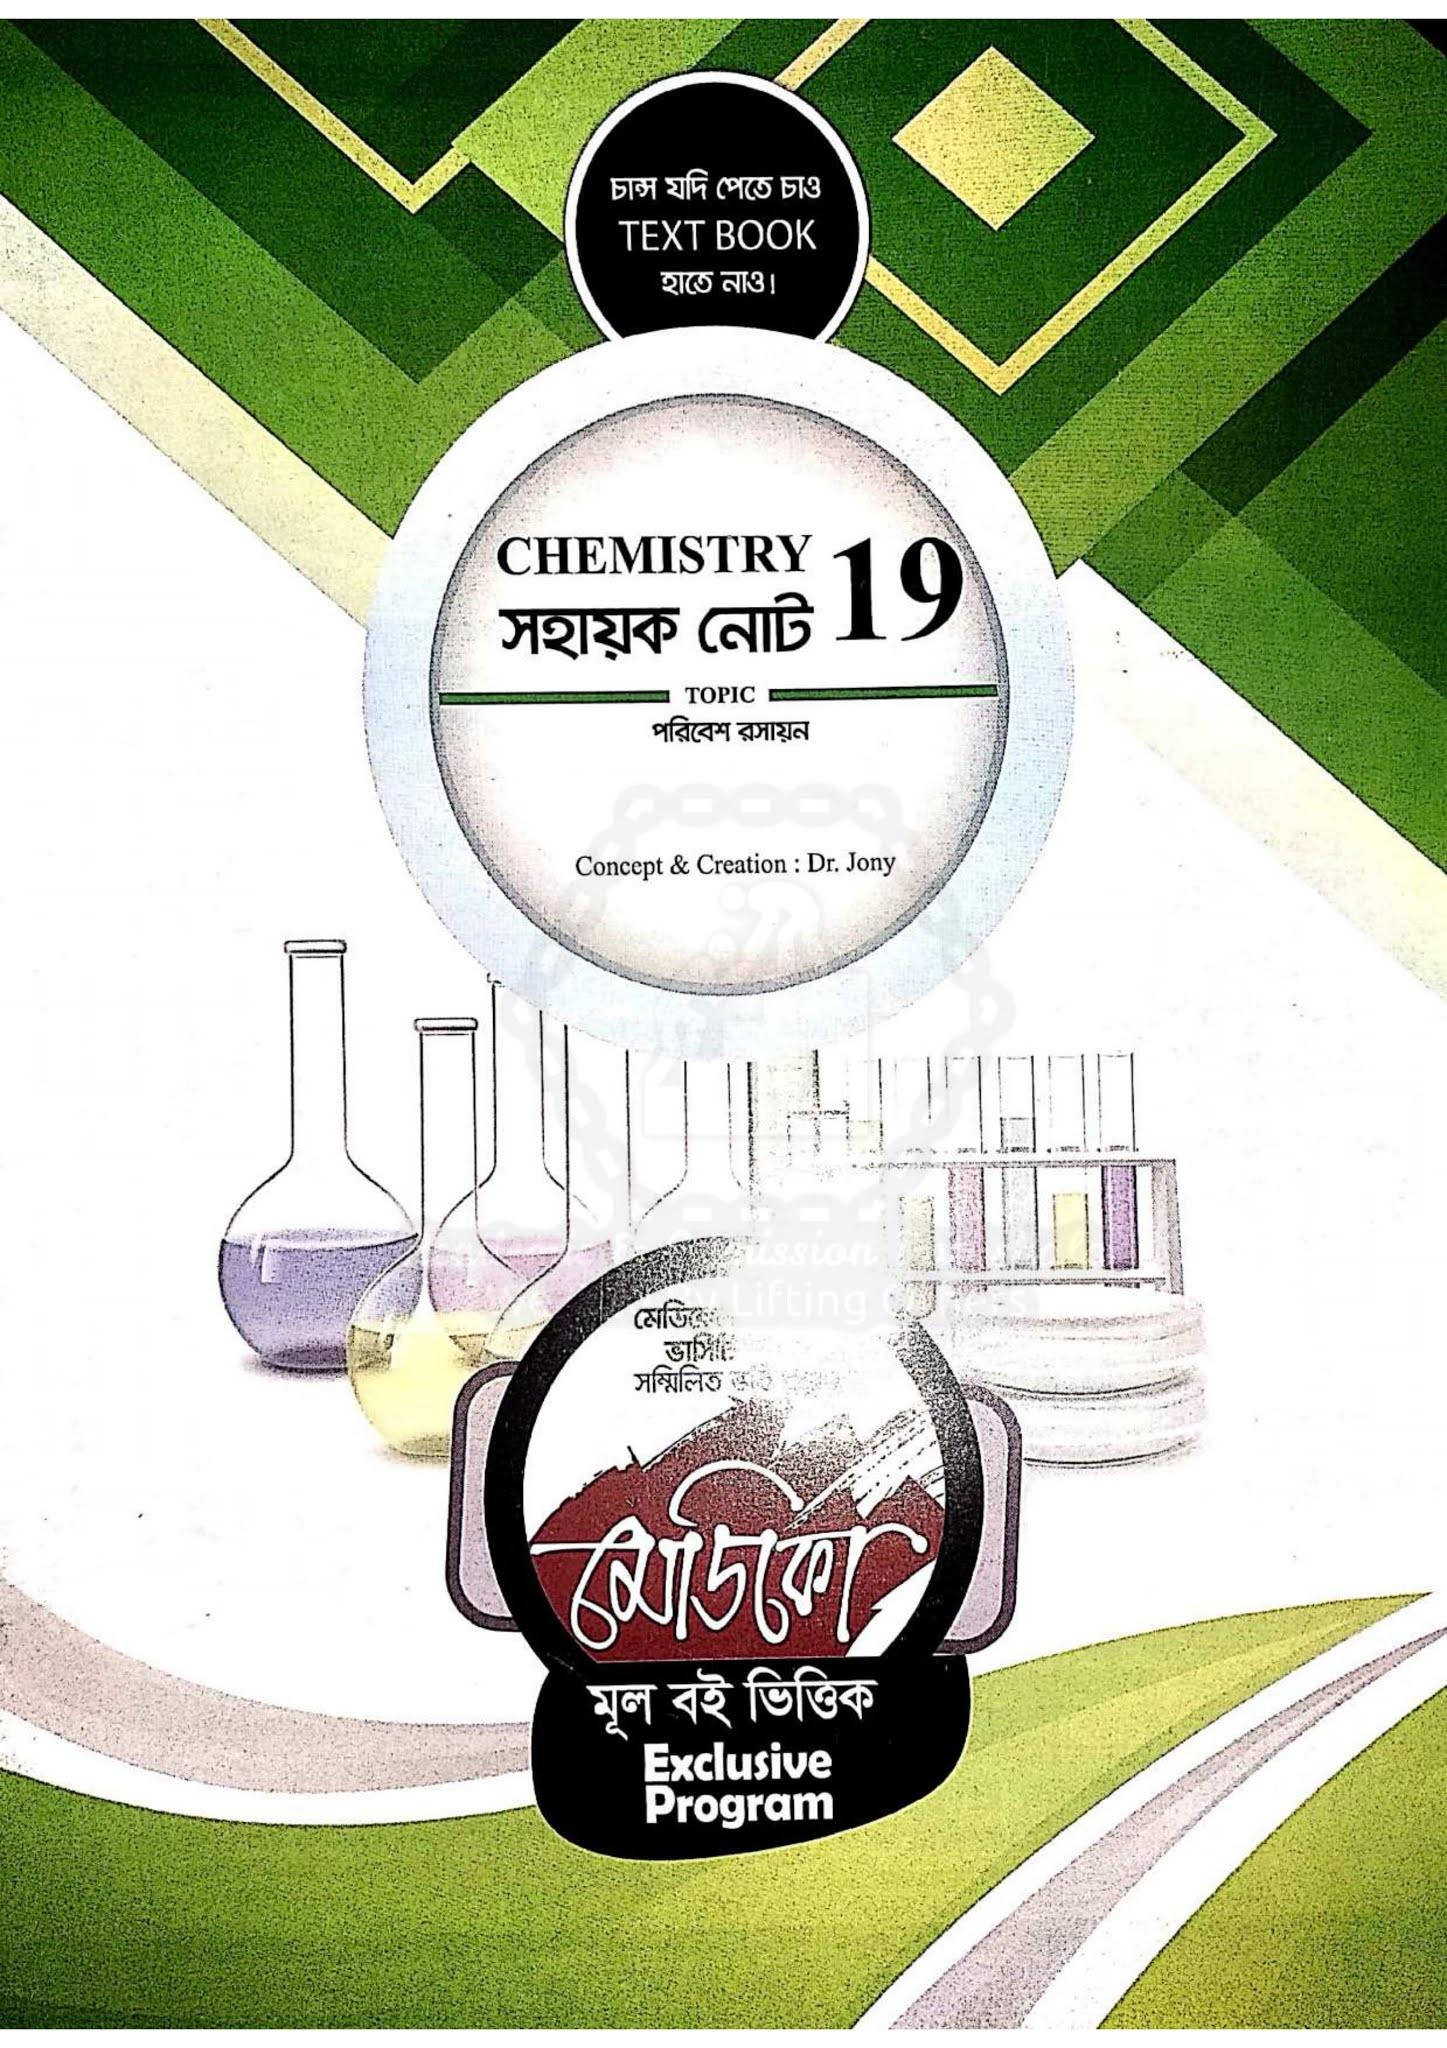 মেডিকো রসায়ন ২য় পত্র নোট |Medico Chemistry 2nd Paper Note PDF